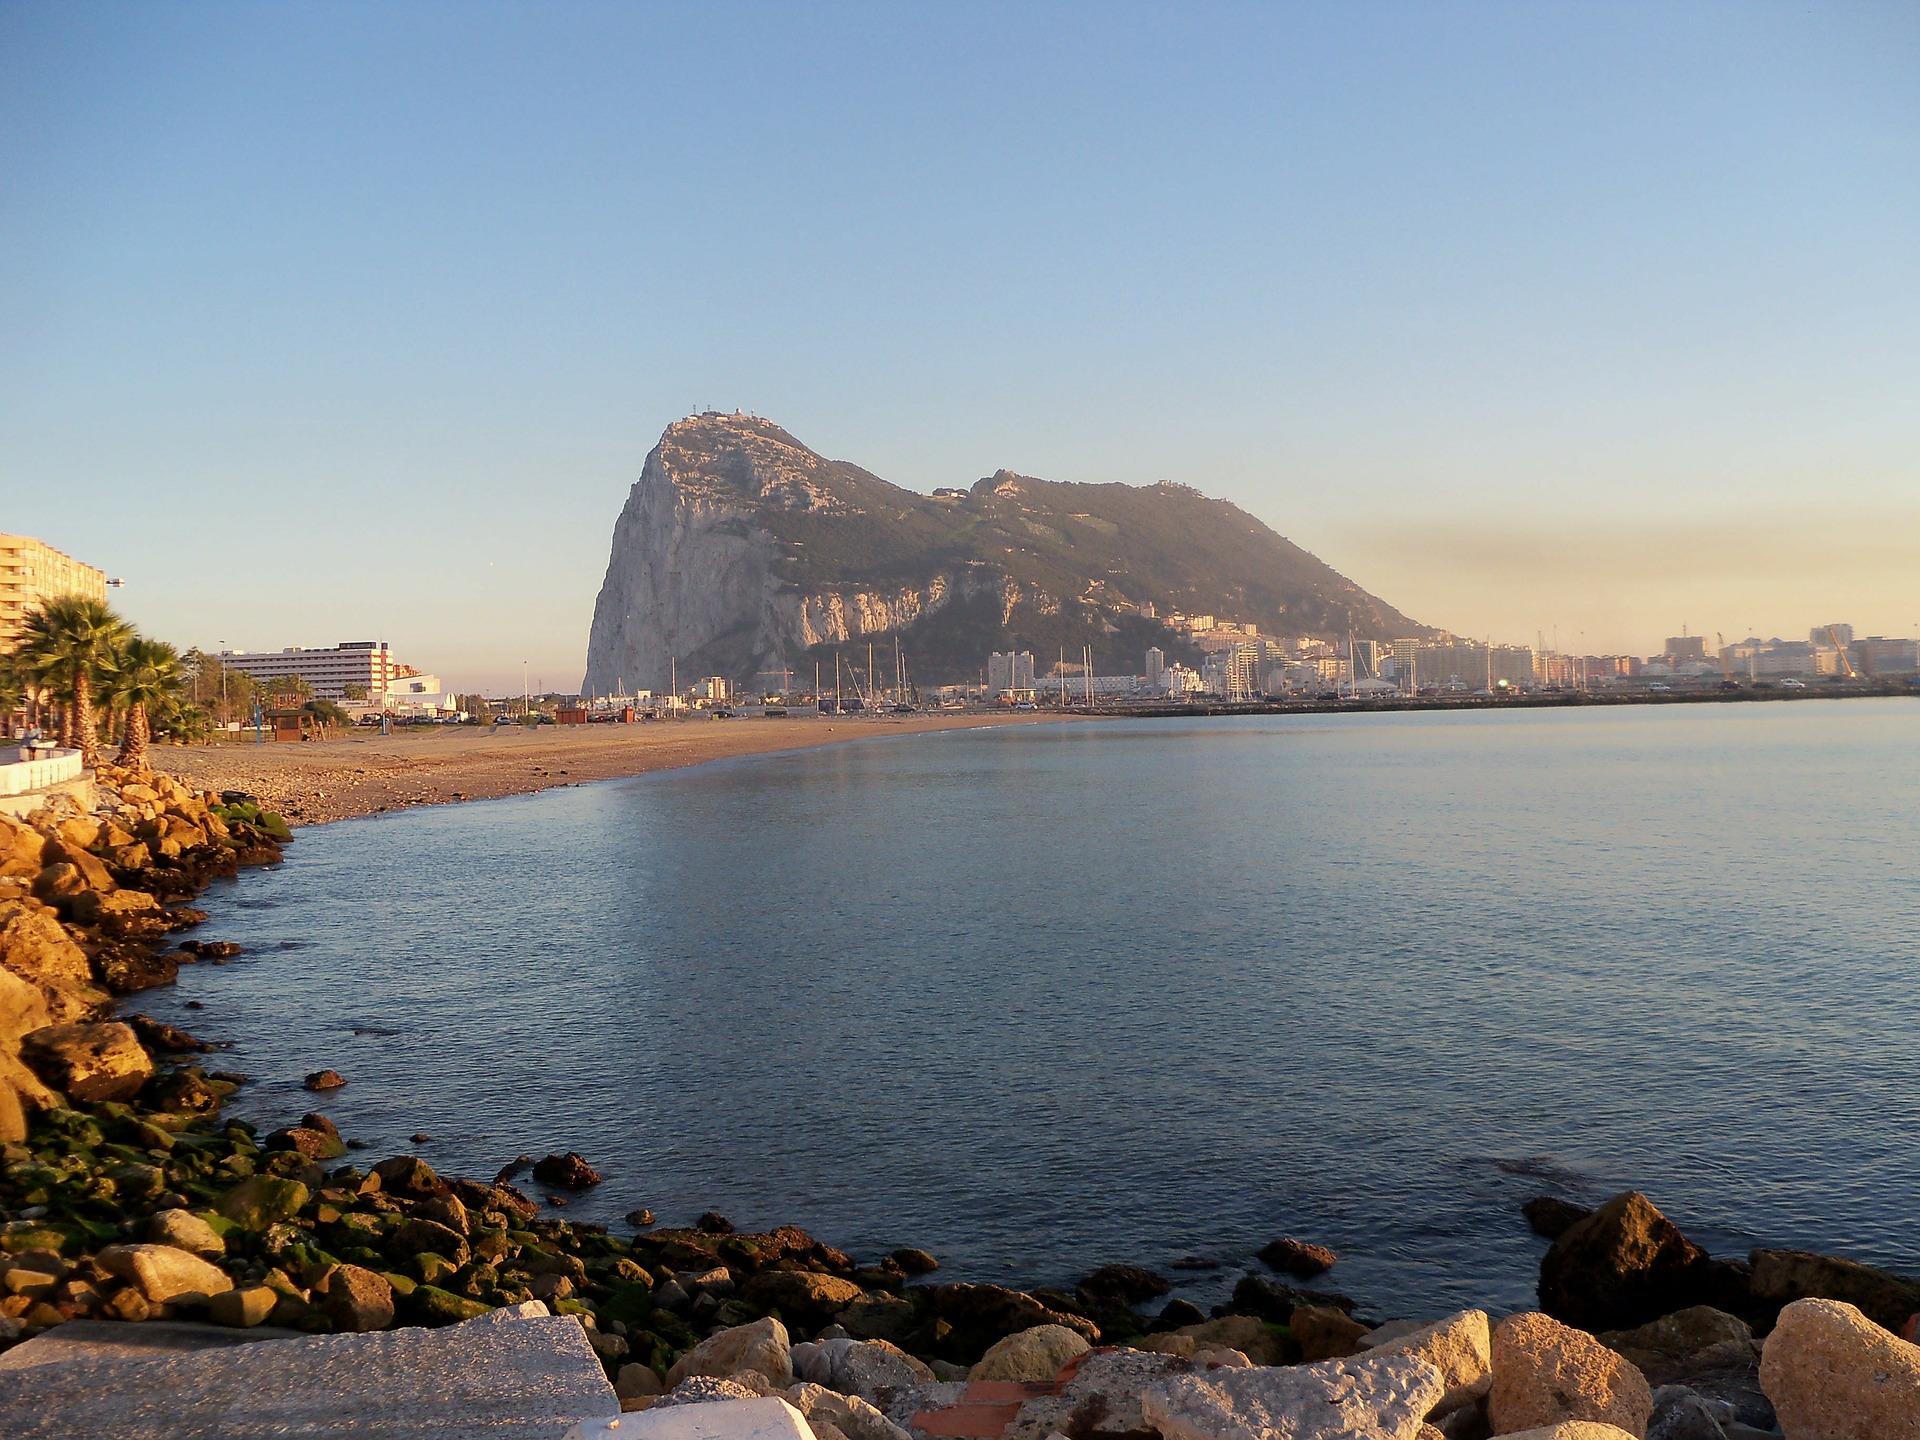 gibraltar-172660_1920.jpg